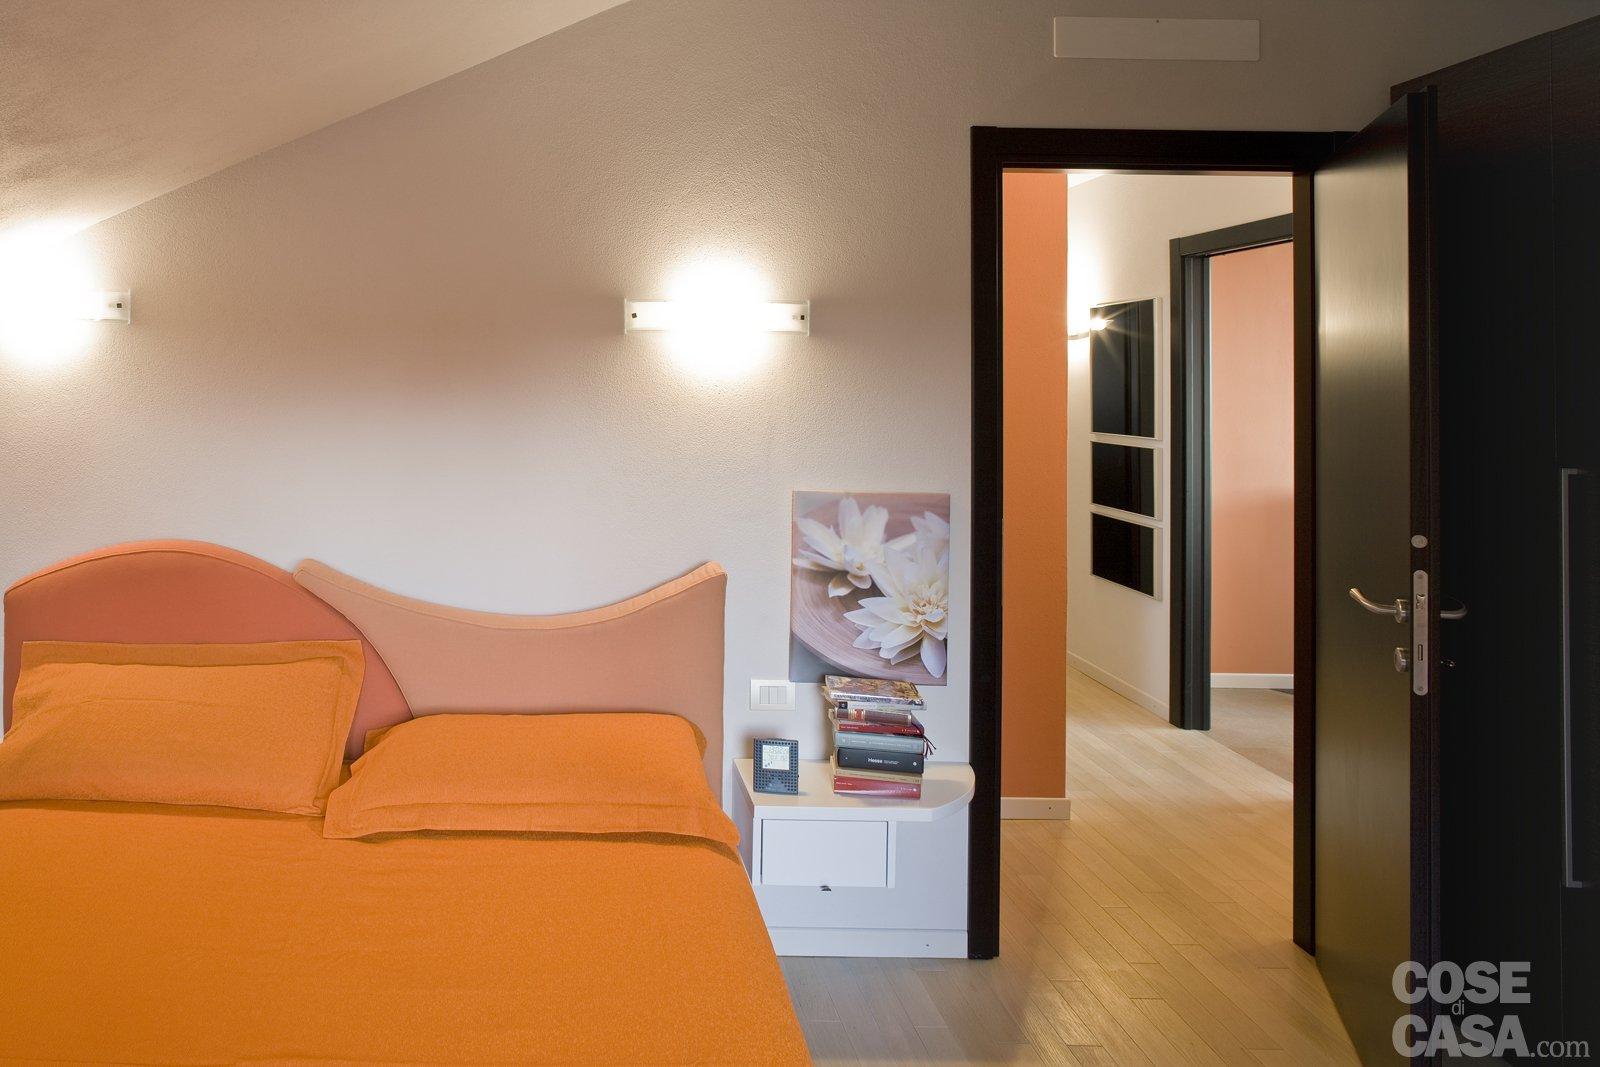 Casa in mansarda con le soluzioni giuste per gli spazi for Camera da letto matrimoniale in mansarda